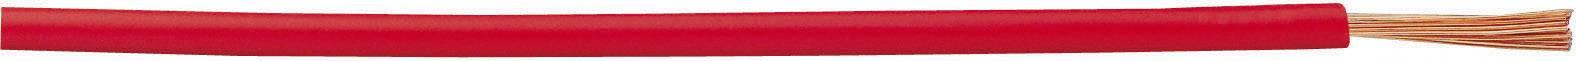 Opletenie / lanko LappKabel 4520041 H07V-K, 1 x 1.50 mm², vonkajší Ø 3 mm, metrový tovar, červená